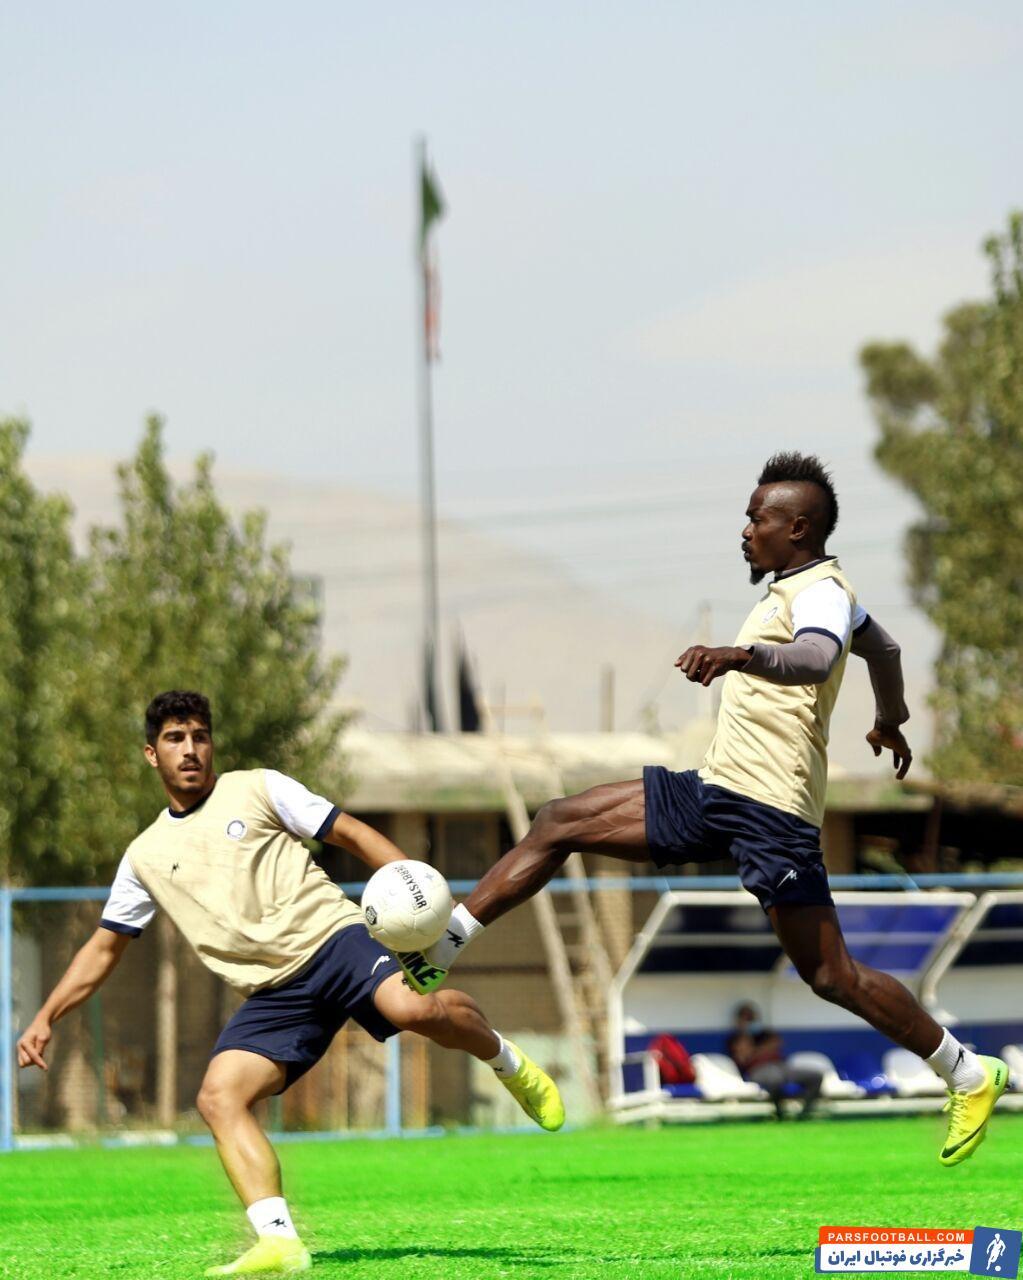 گادوین منشا بازیکن 31 ساله که در شهر لاگوس نیجریه متولد شده است، با پیکان در فوتبال ایران چهره شد و برای خود اسم و رسمی پیدا کرد.